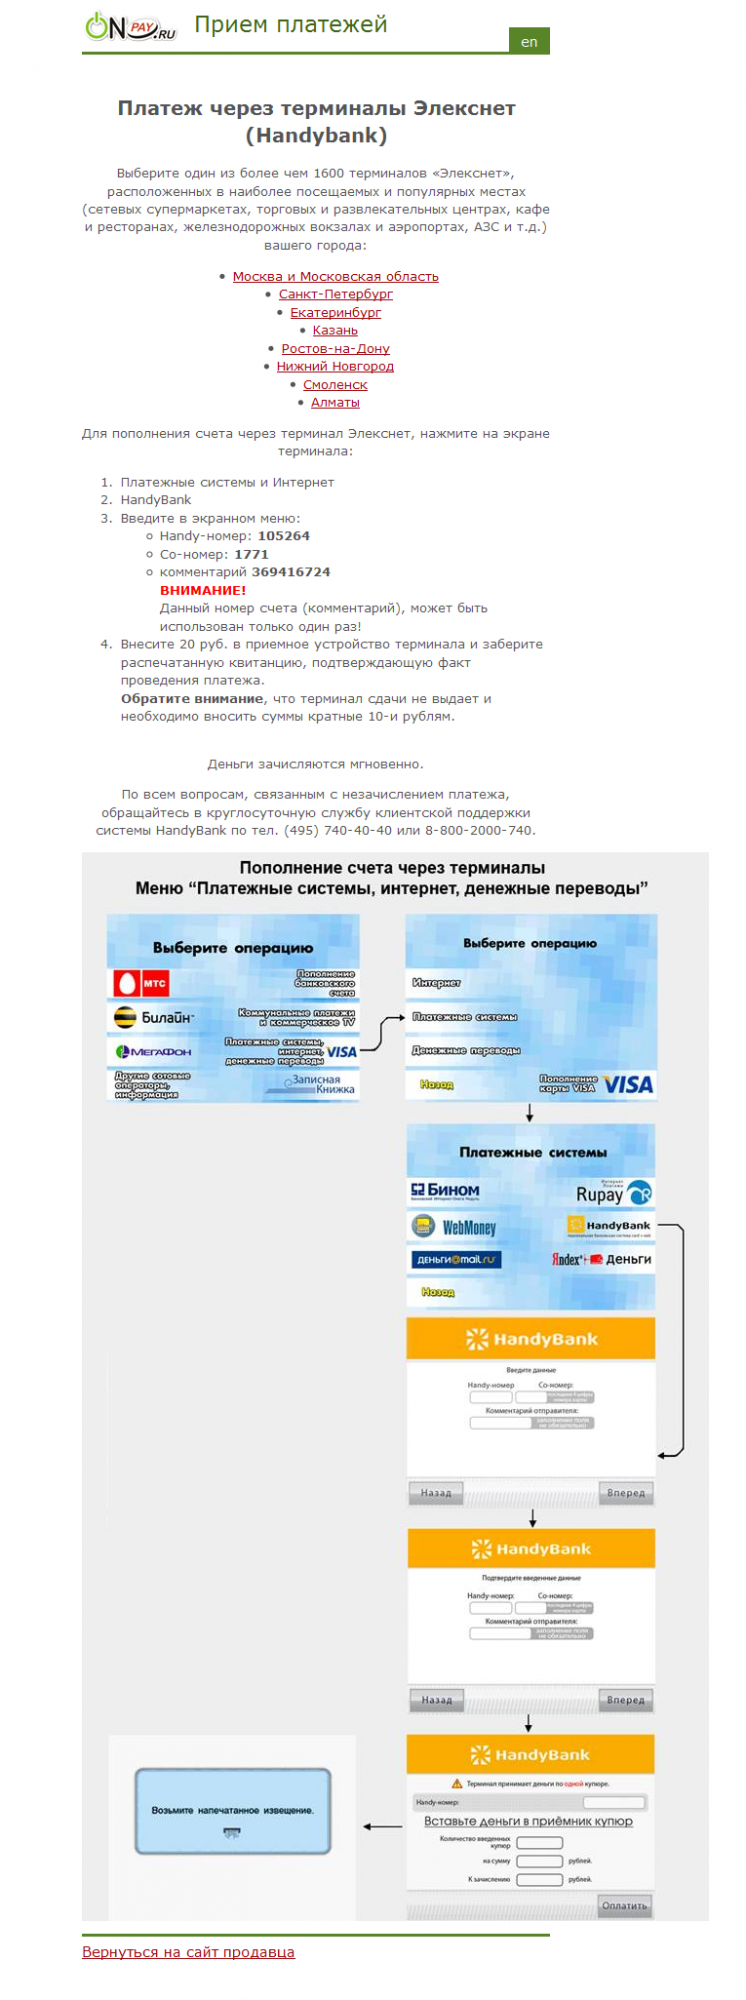 Прикрепленное изображение: onpay.ru-magento-payment-example-elecsnet-3.png